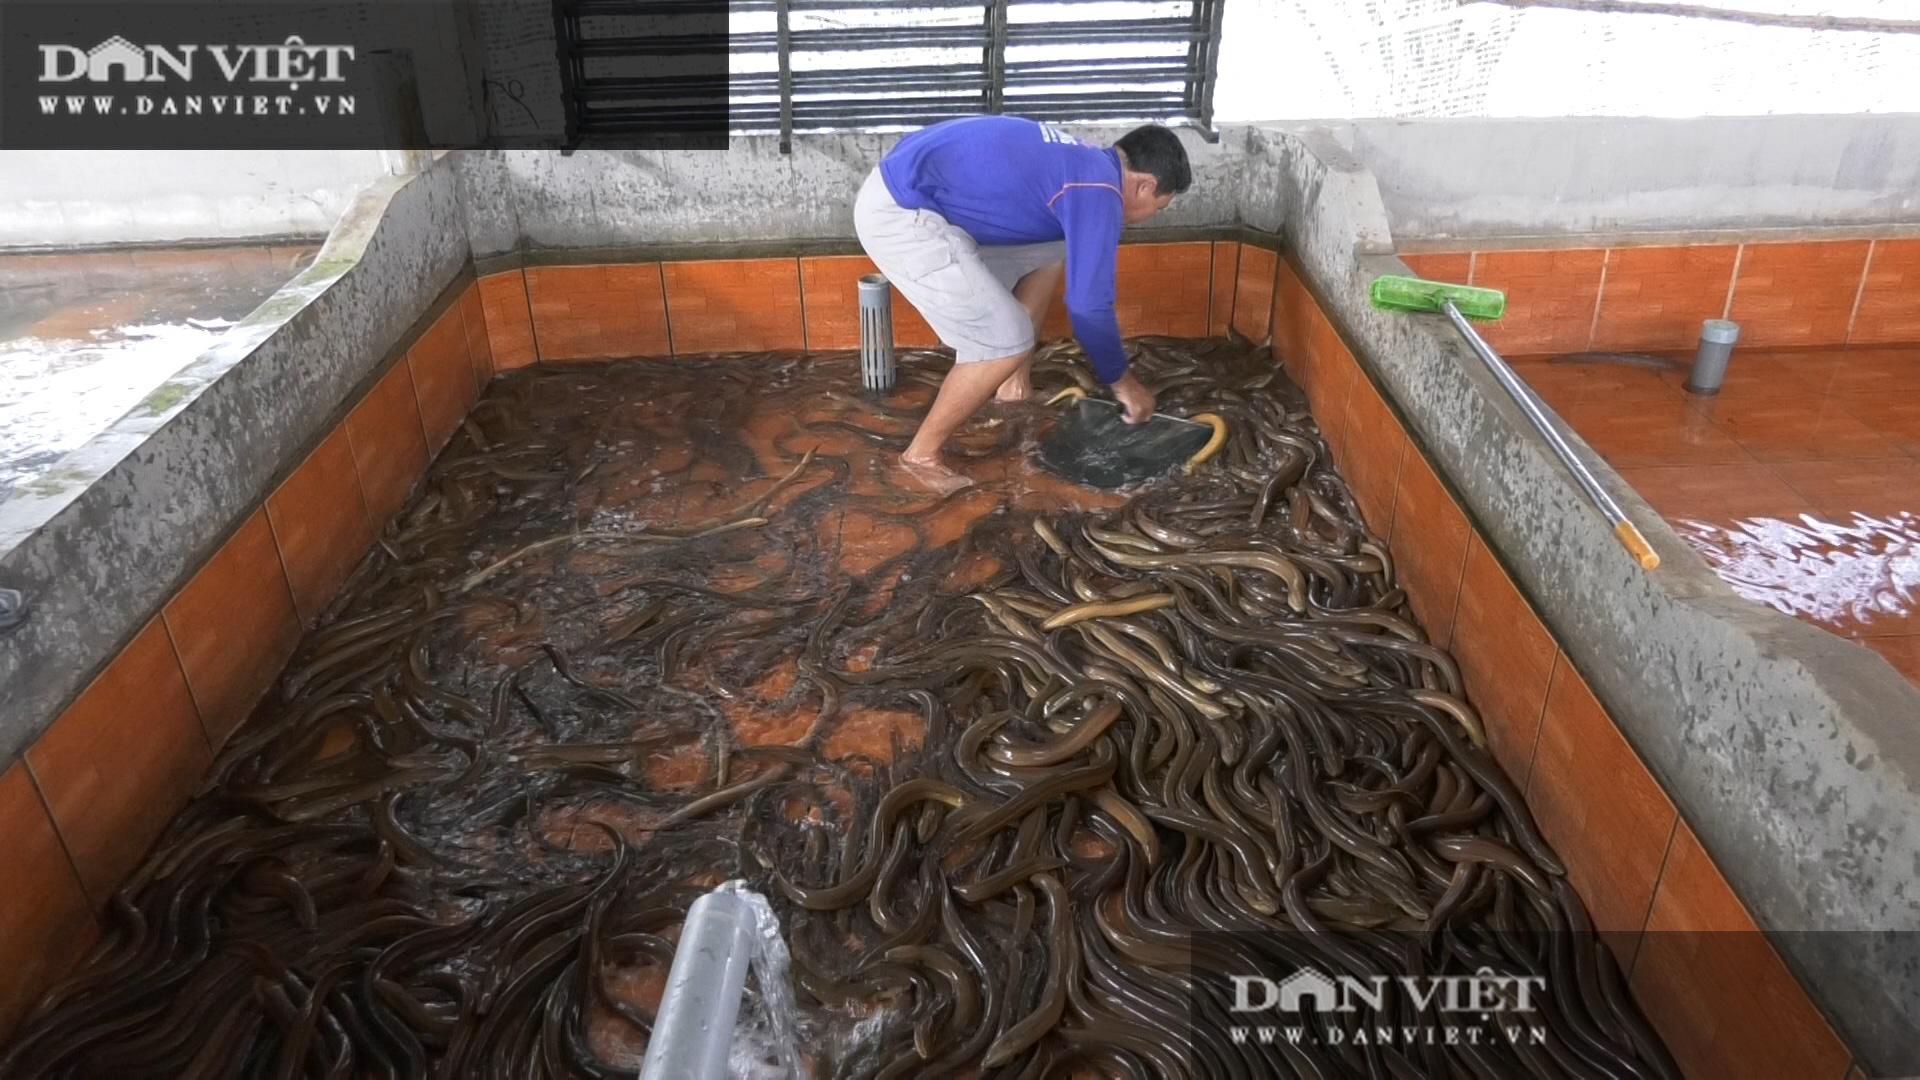 Một ông nông dân tỉnh Đồng Tháp bắt bán hàng tấn lươn không bùn, thương lái tấp nập đến mua - Ảnh 1.